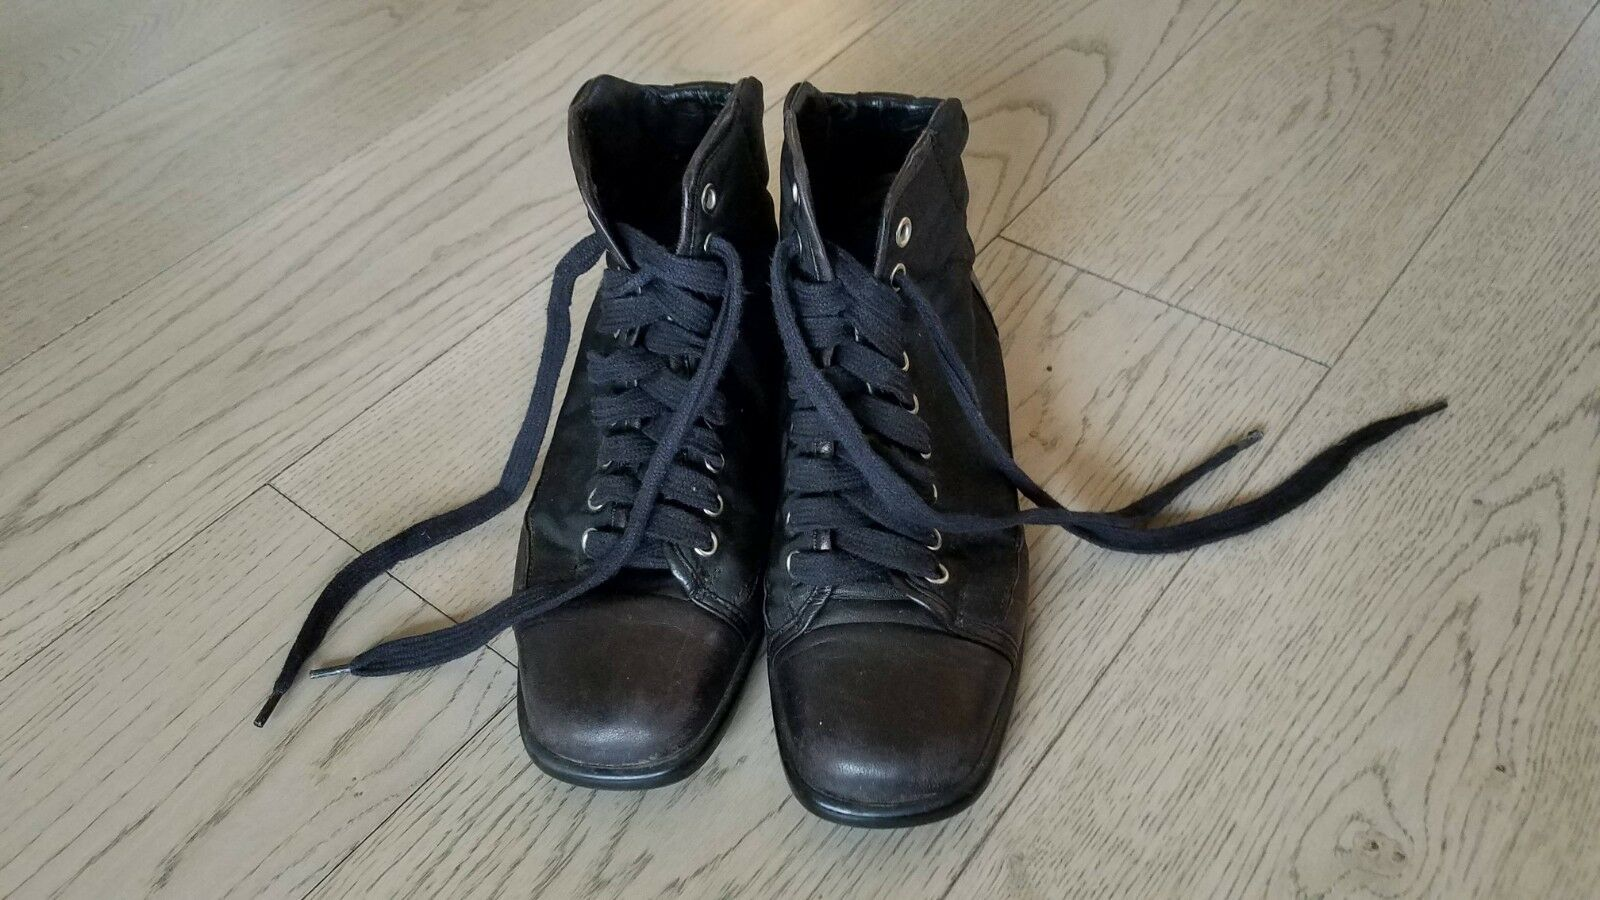 Prada Wouomo Sz 37 nero  Leather Nylon Lace Up Up Top scarpe da ginnastica; Square Toe  senza esitazione! acquista ora!